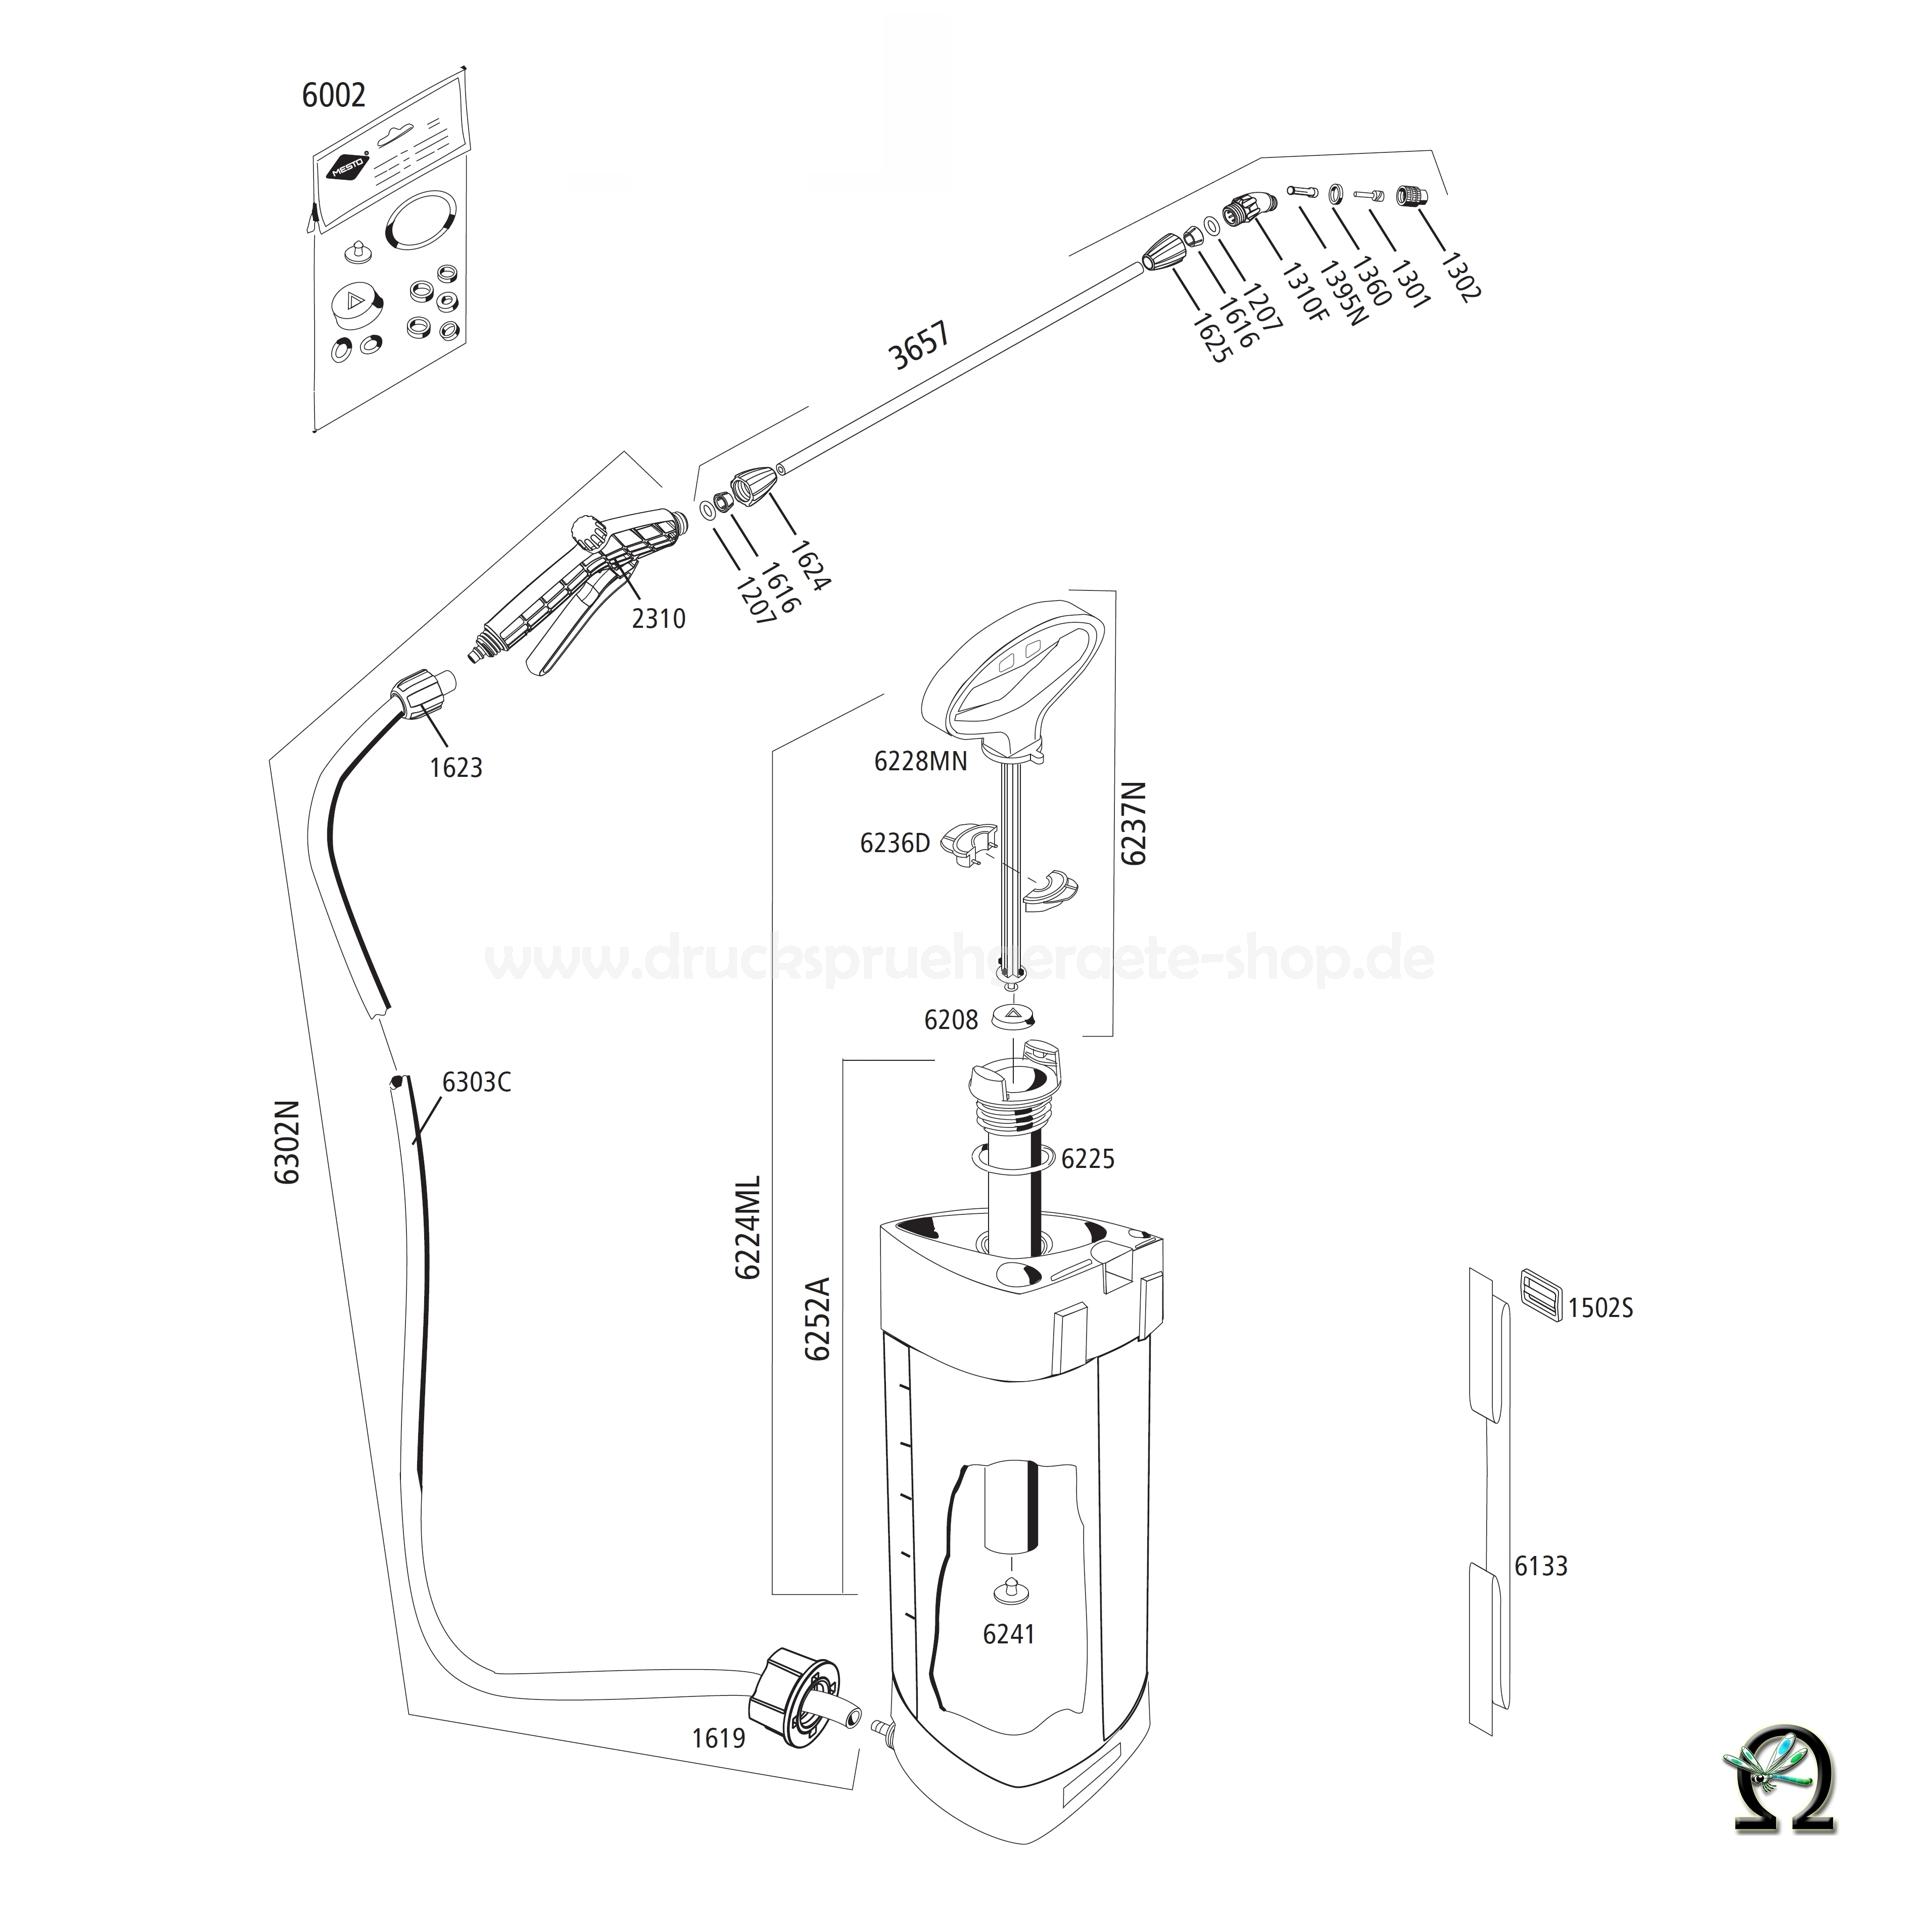 MESTO Drucksprühgerät 3232 PICO Zeichnung der Einzelteile